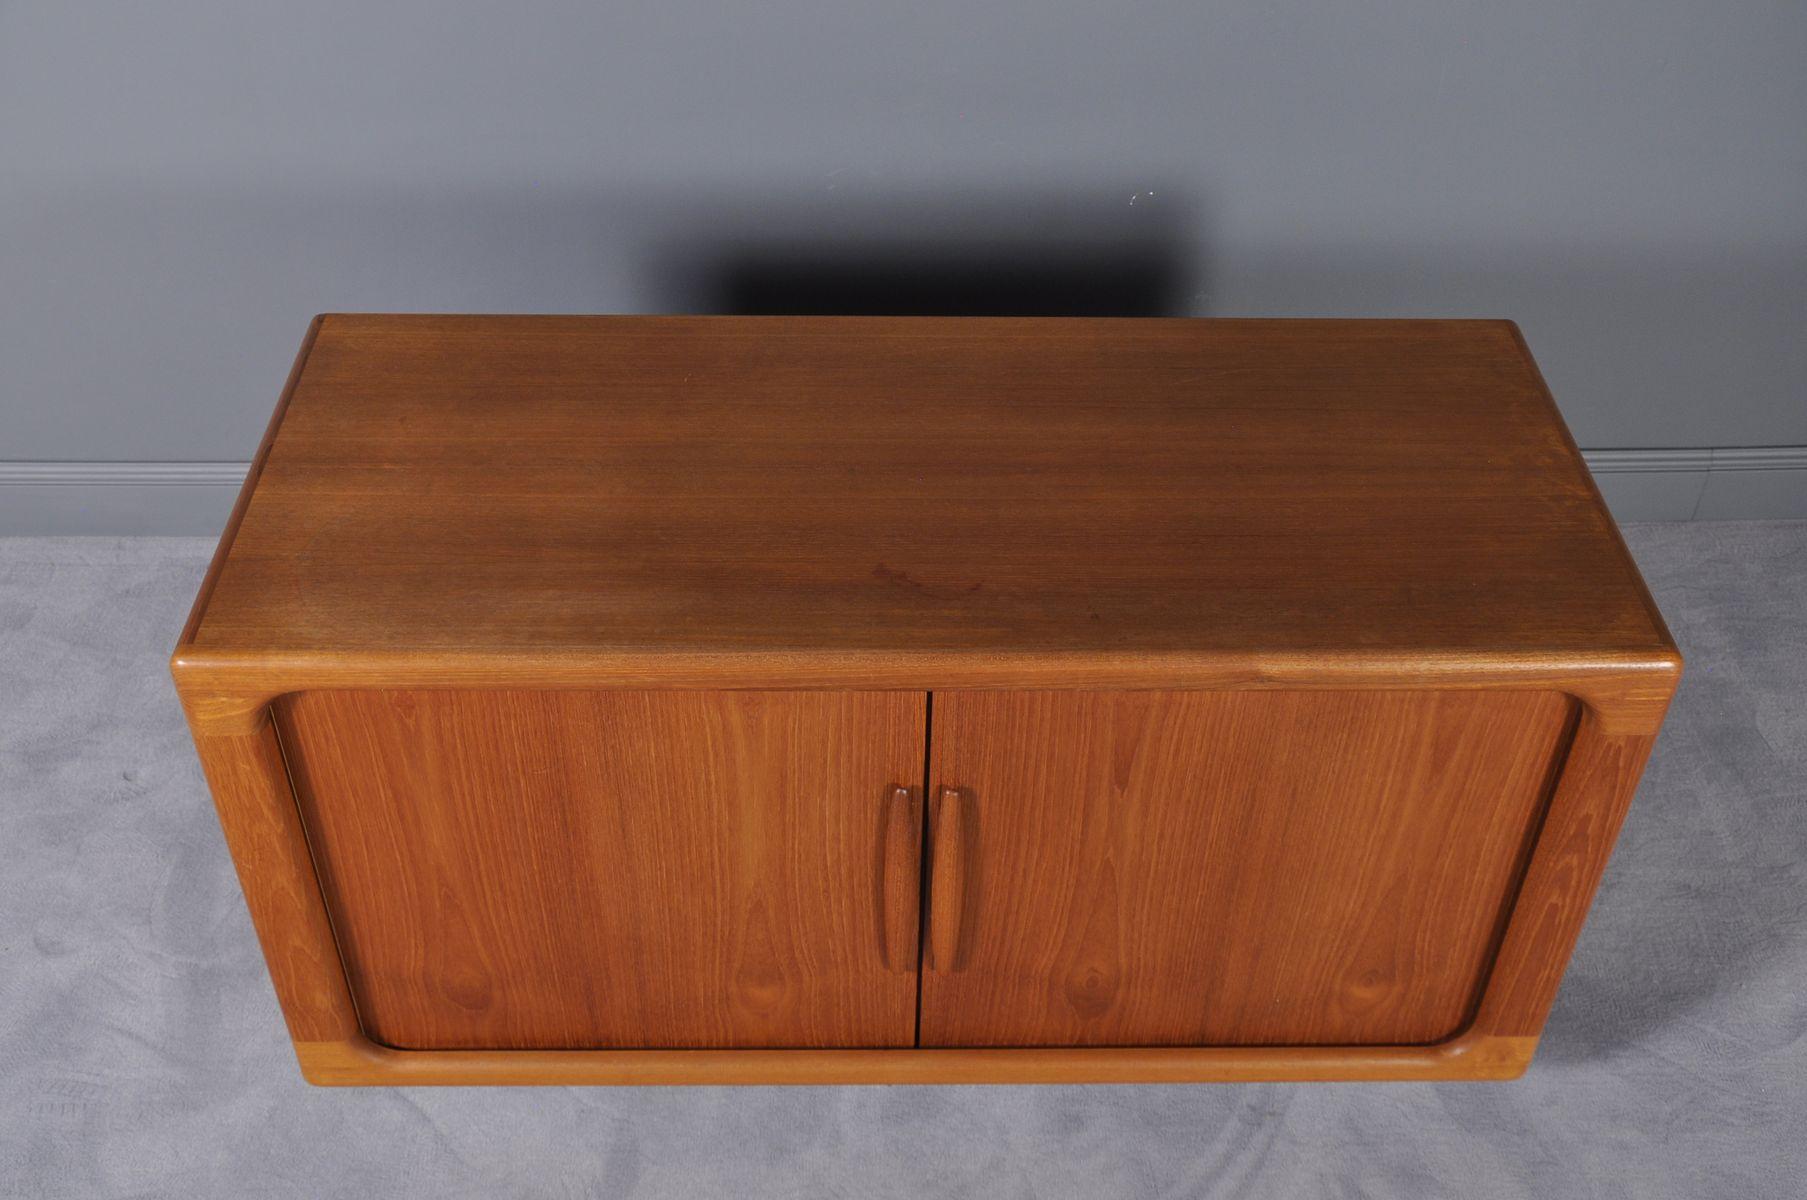 sideboard mit schiebet ren von dyrlund 1960er bei pamono kaufen. Black Bedroom Furniture Sets. Home Design Ideas